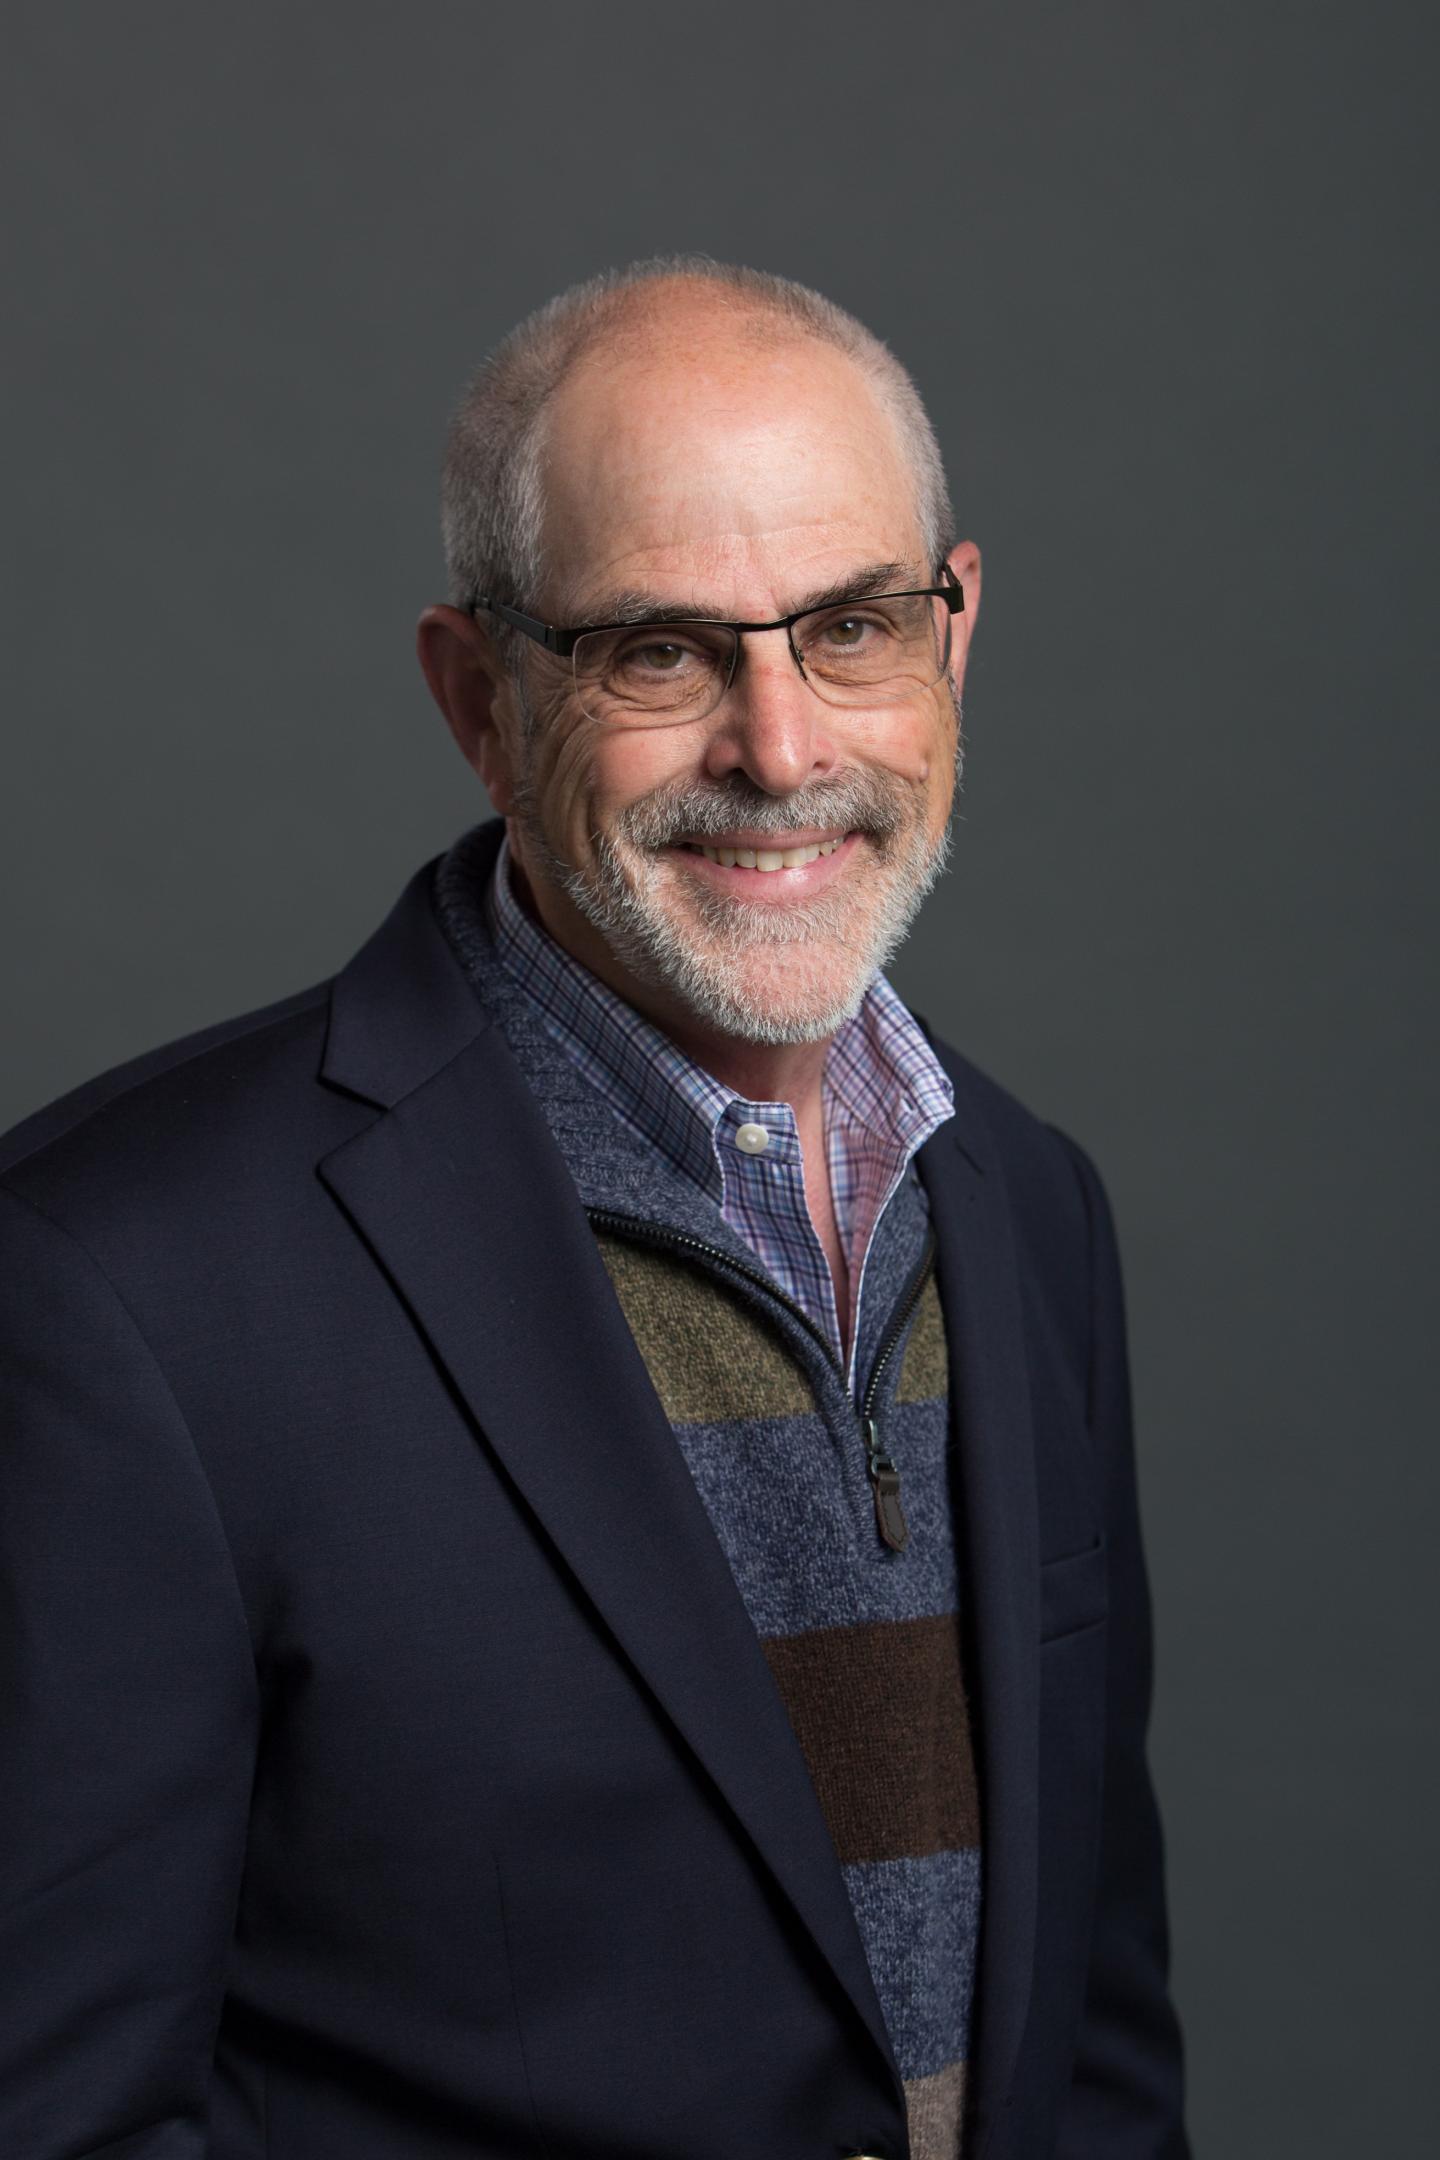 Richard M. Frankel, Regenstrief Institute